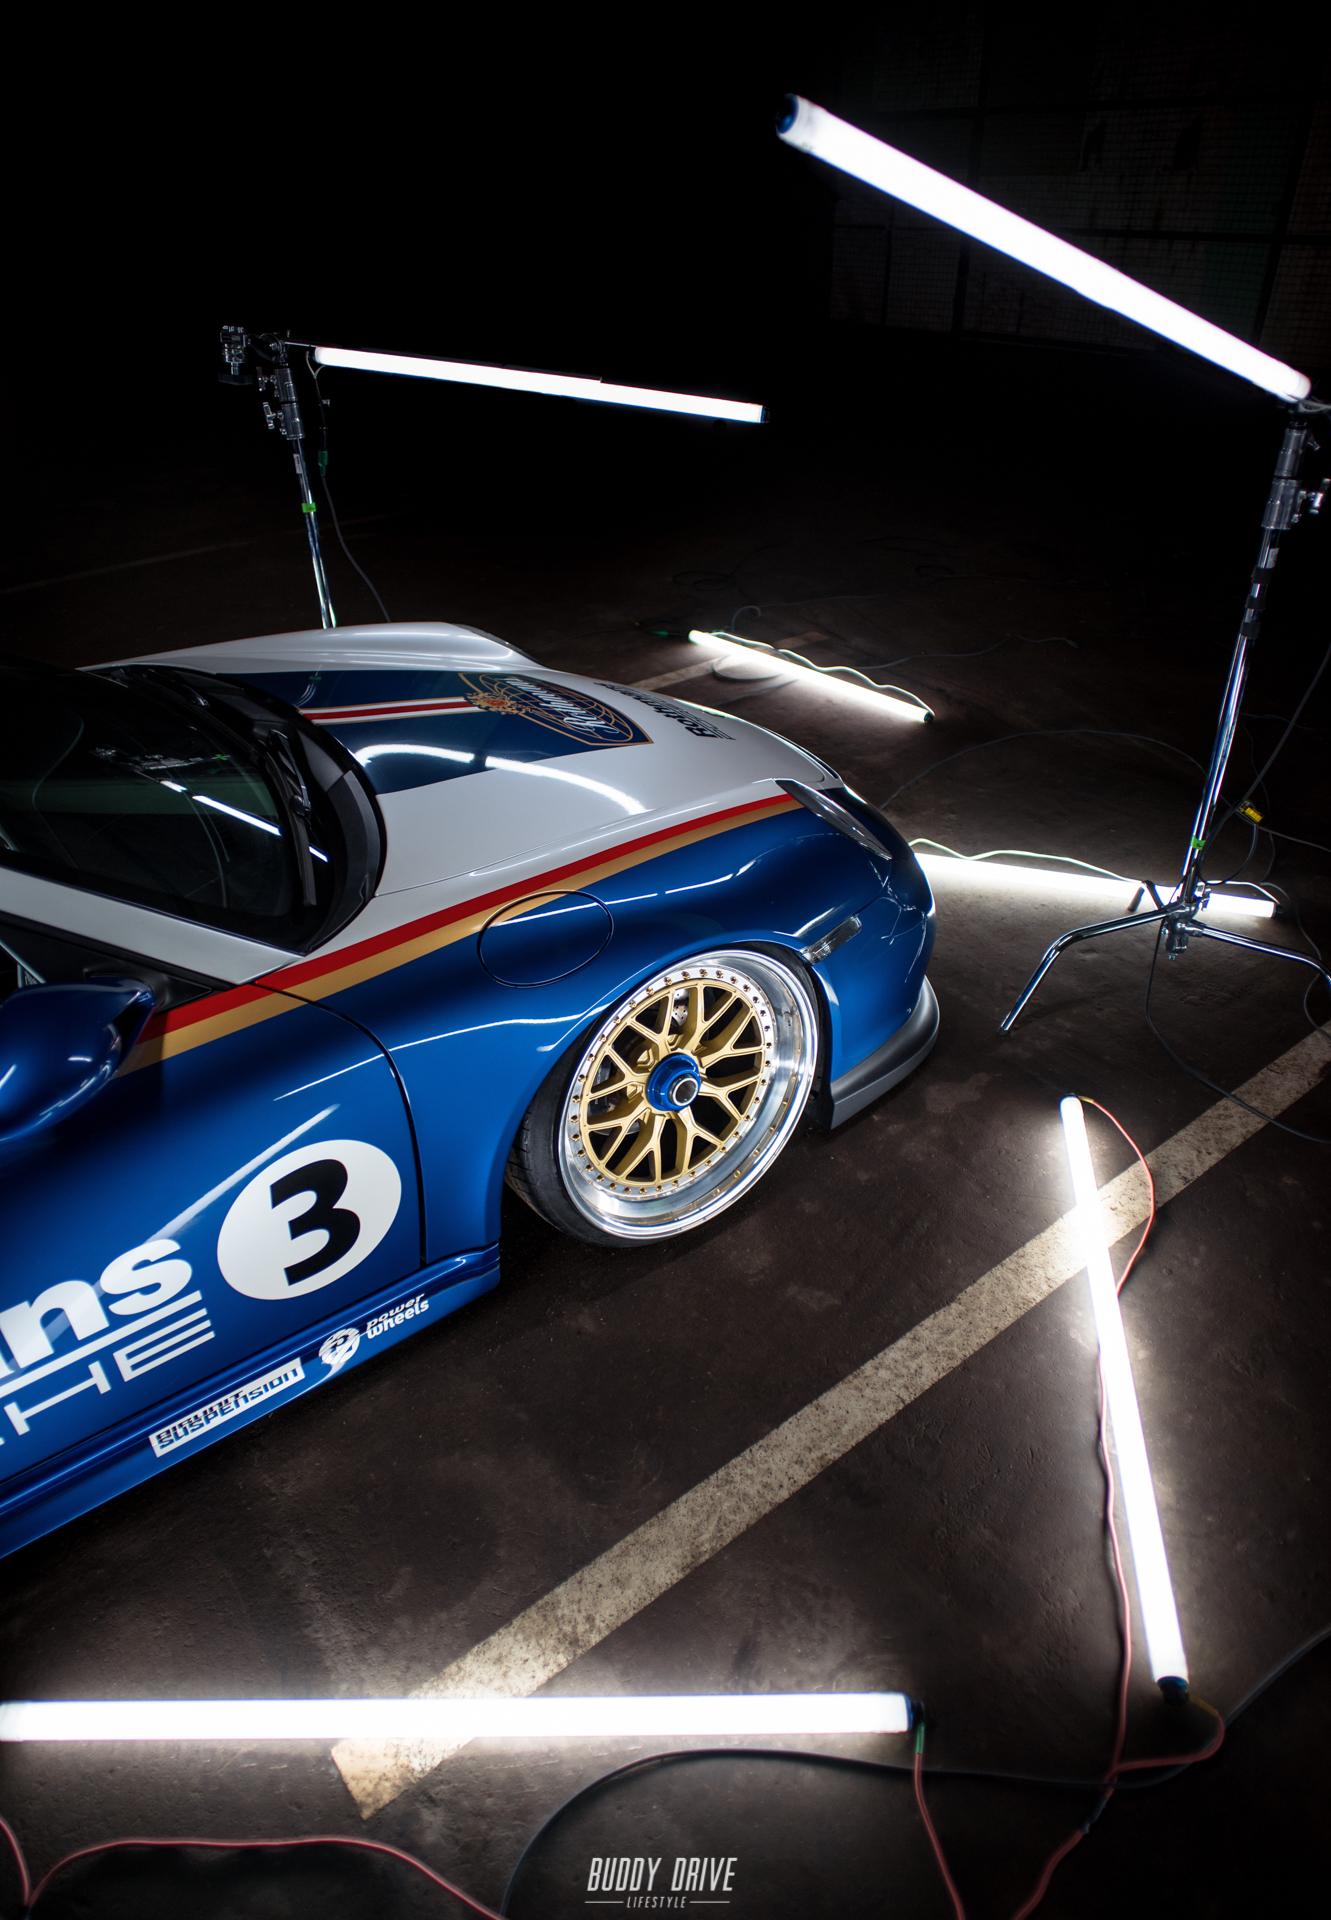 Фотосессия автомобиля Porsche 911 в Москве